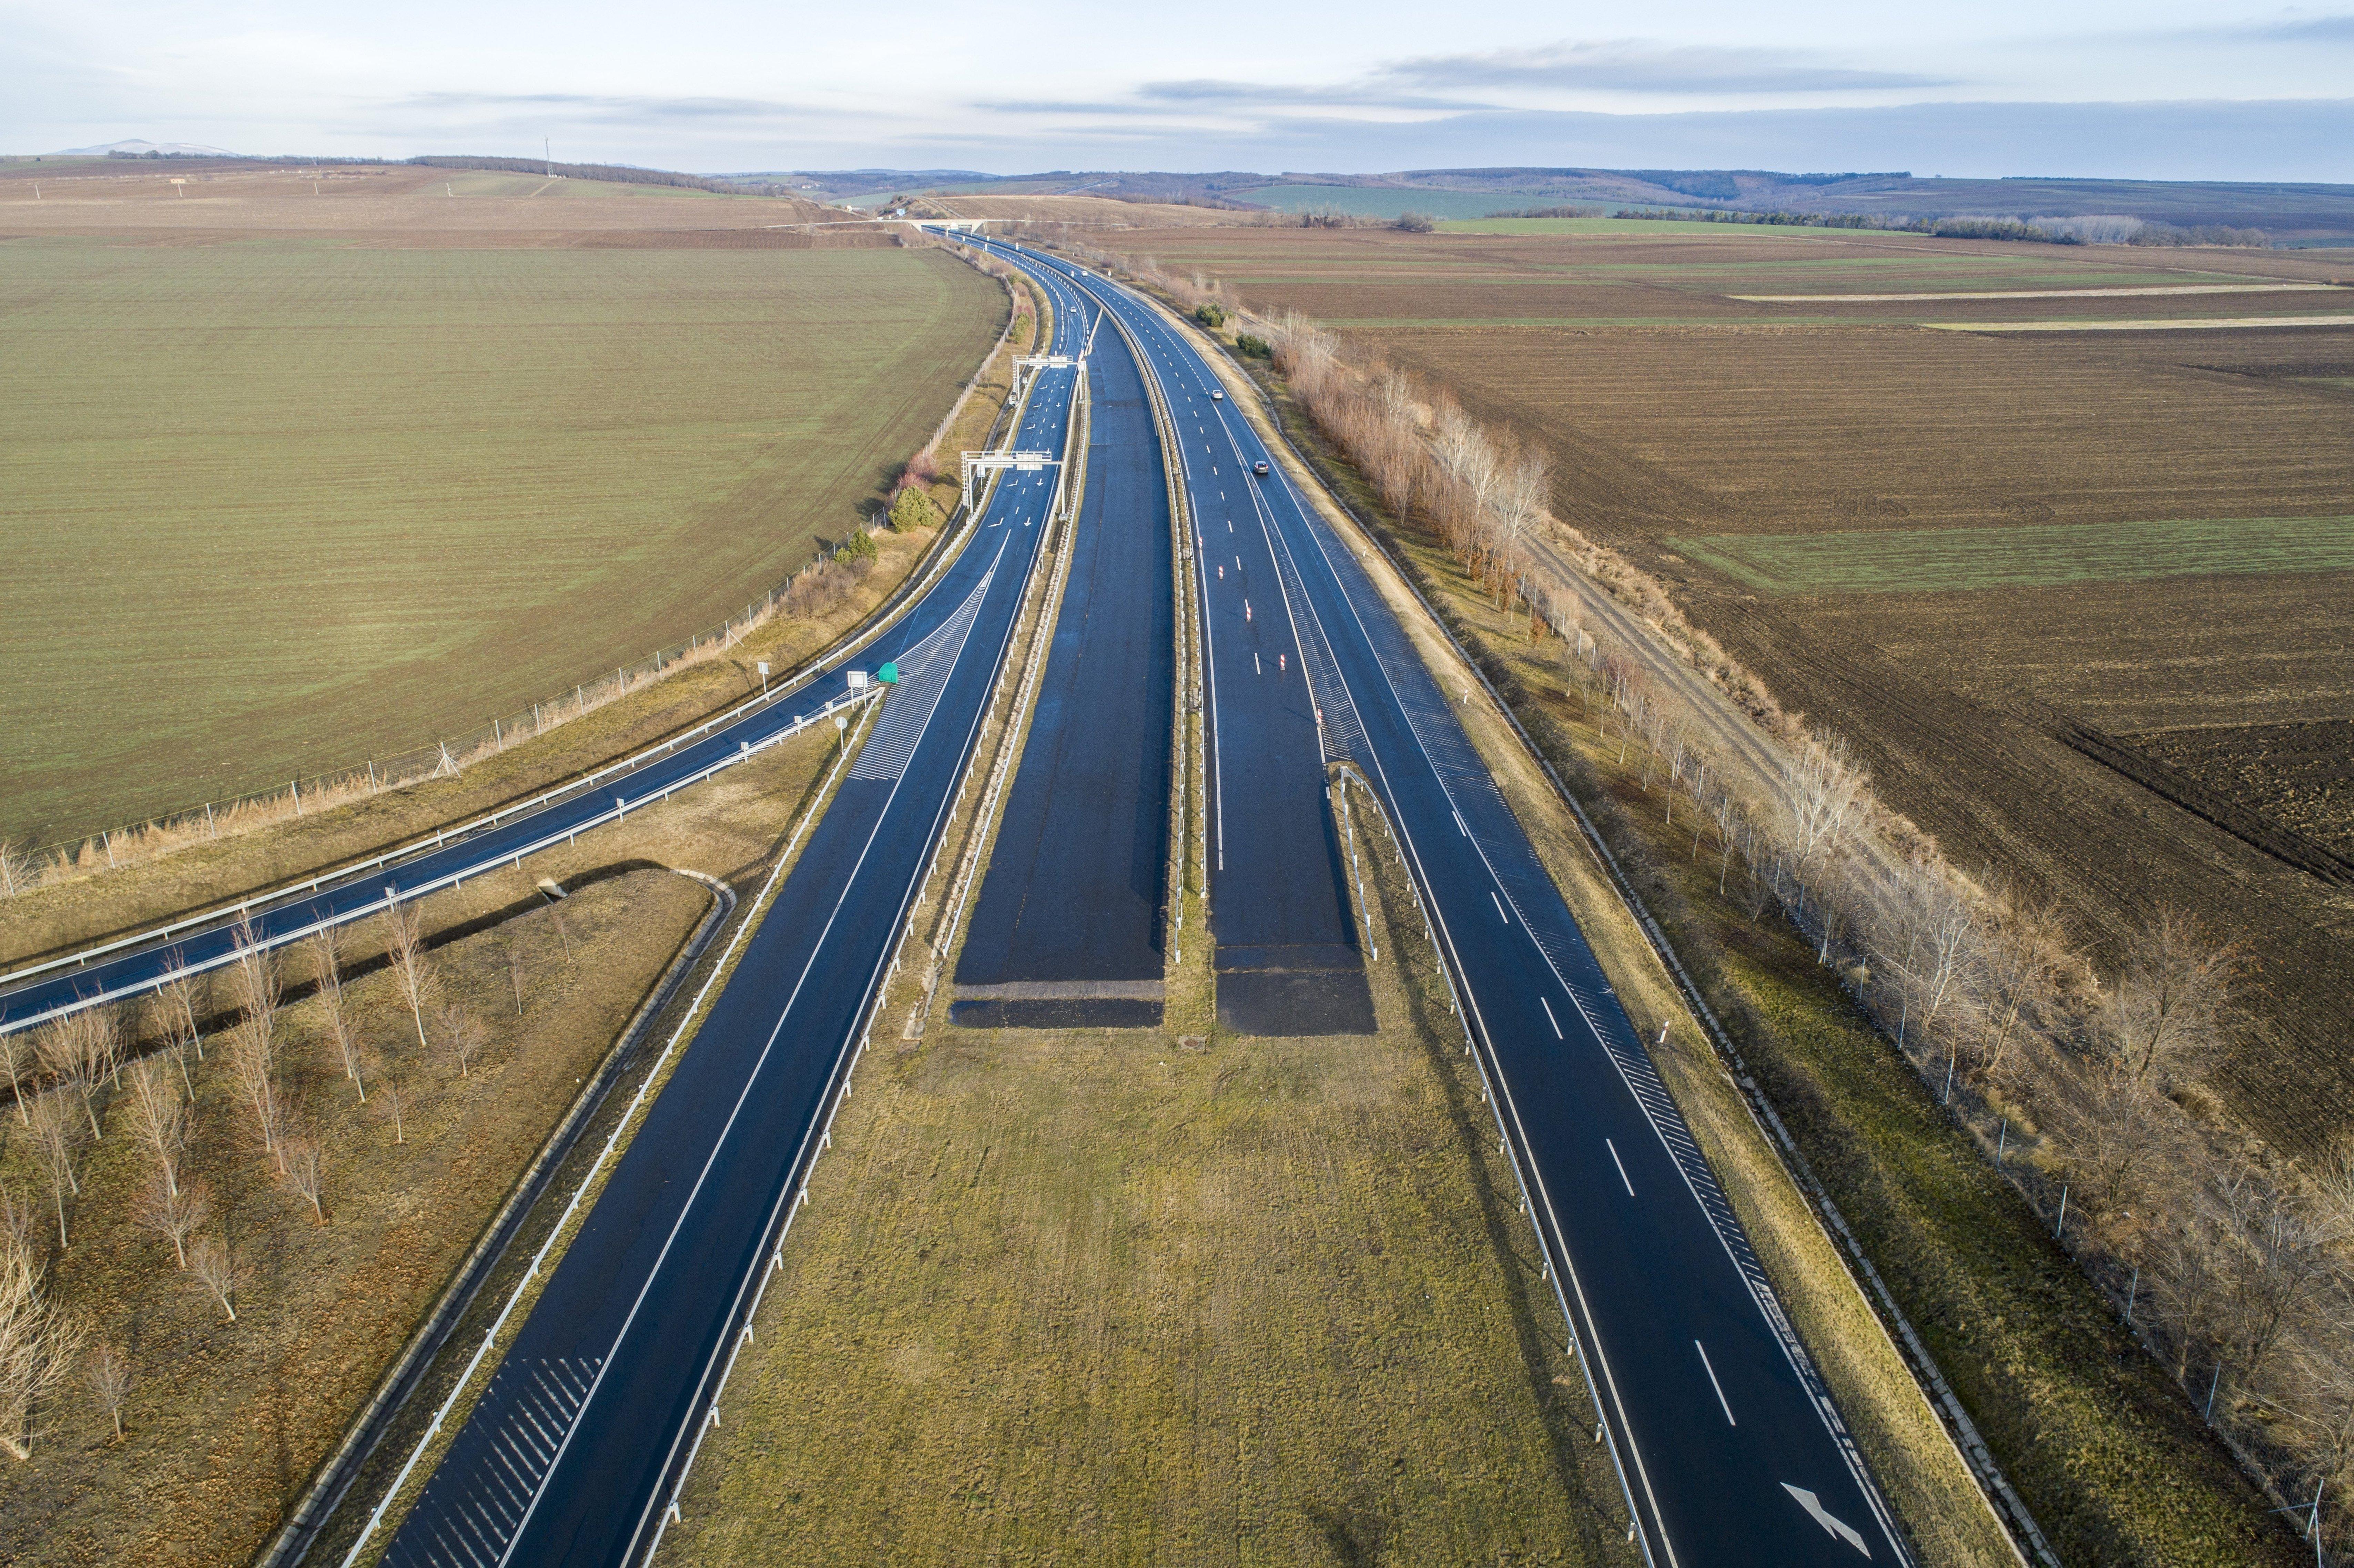 24 milliárd forint nyereséget termelt az állam kedvenc útépítője